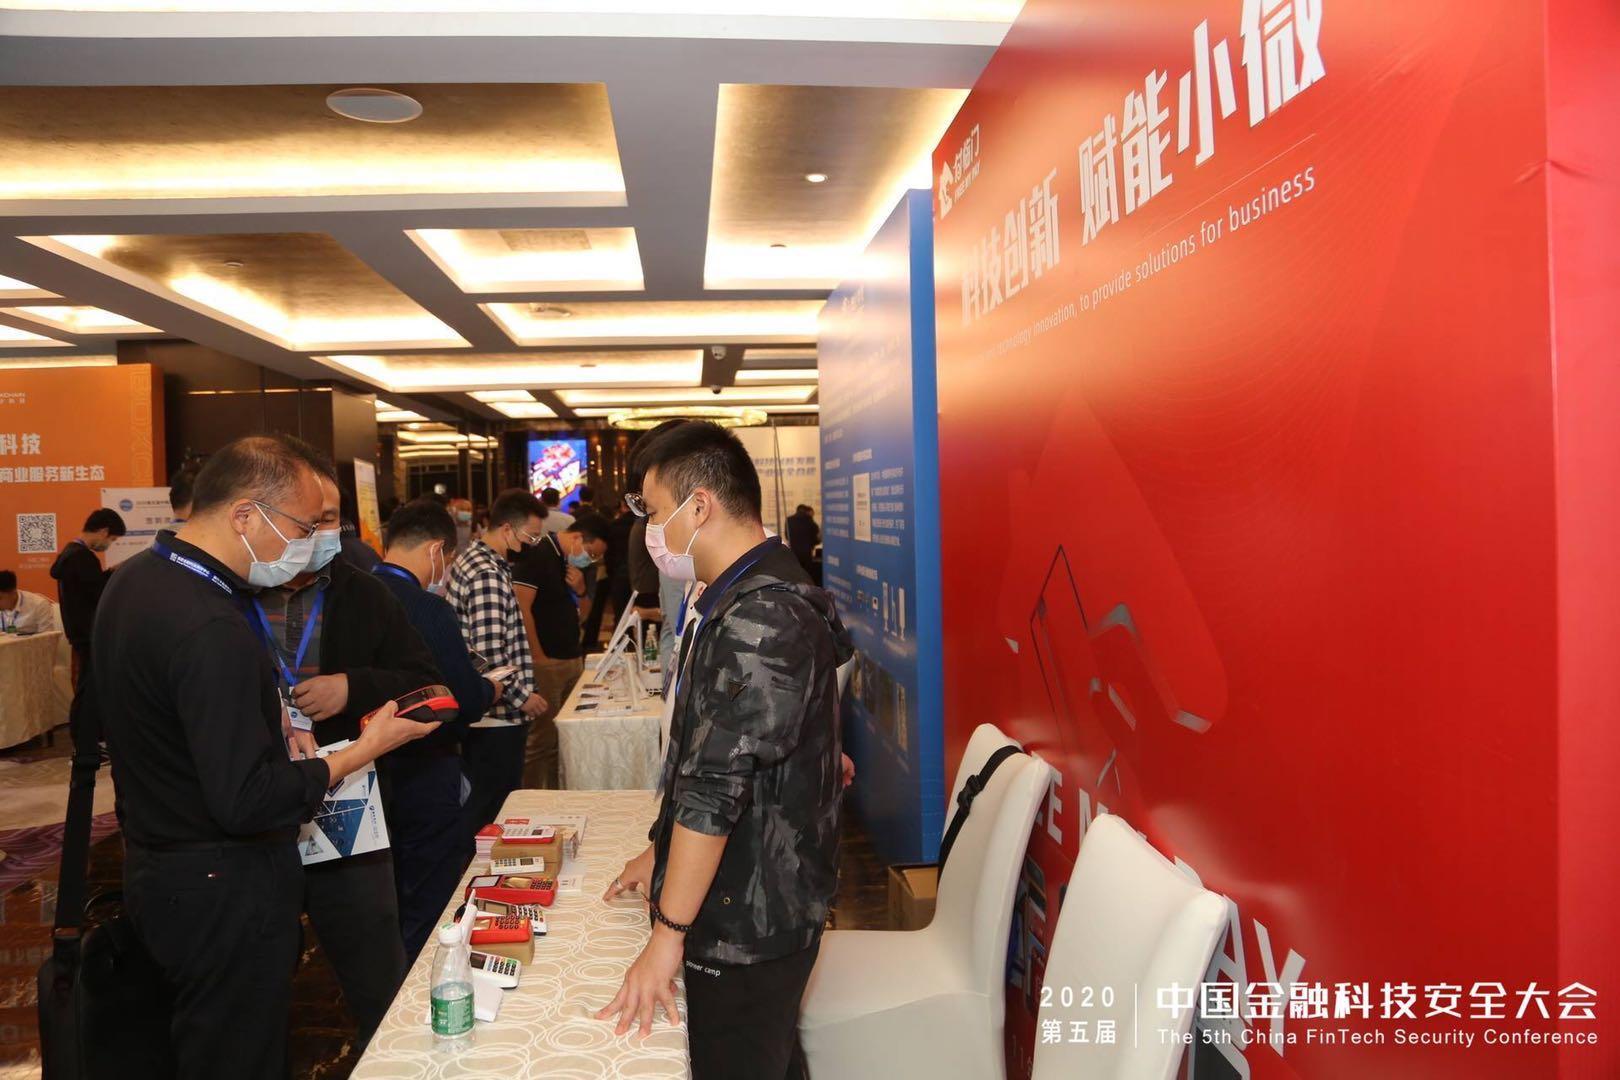 付临门参展第五届中国金融科技安全大会